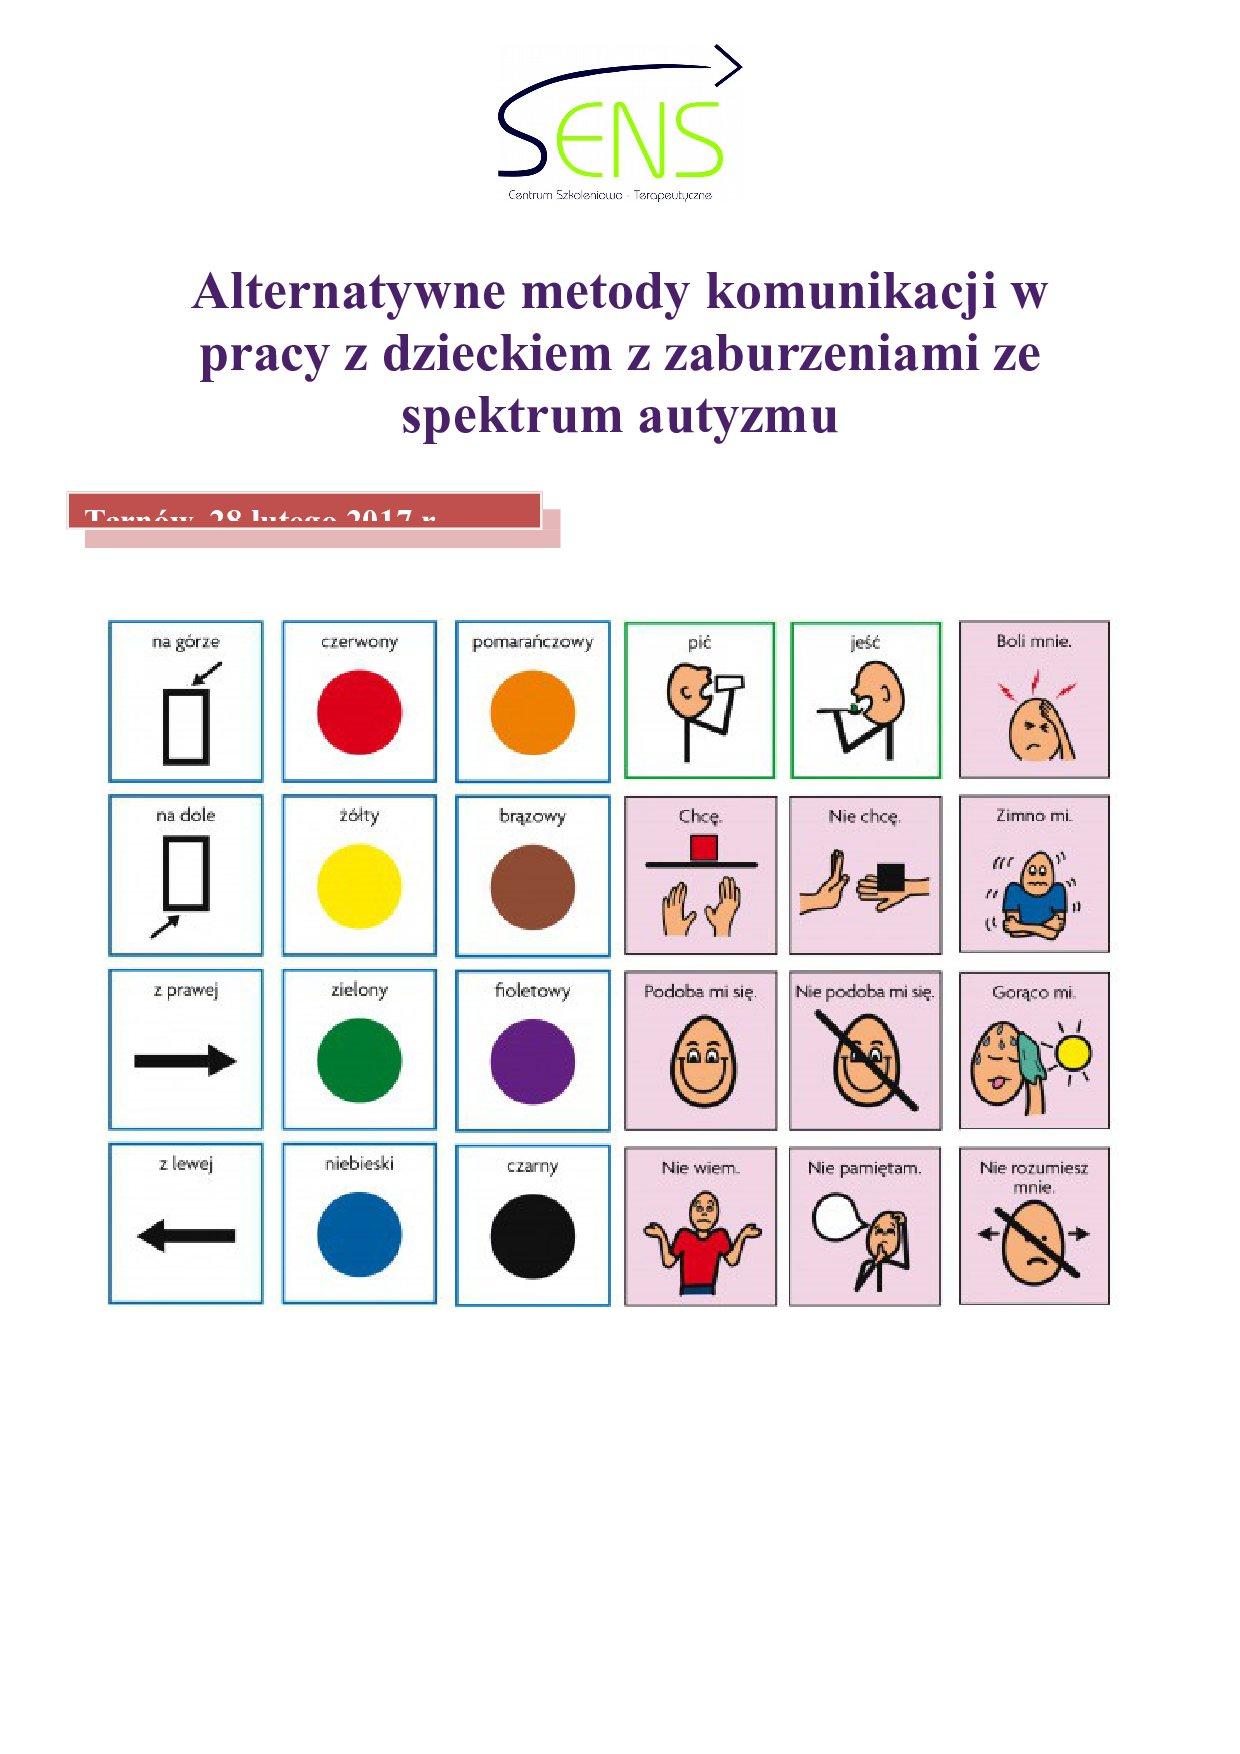 Tarnów. Alternatywne metody komunikacji. 28.02.2017 r.